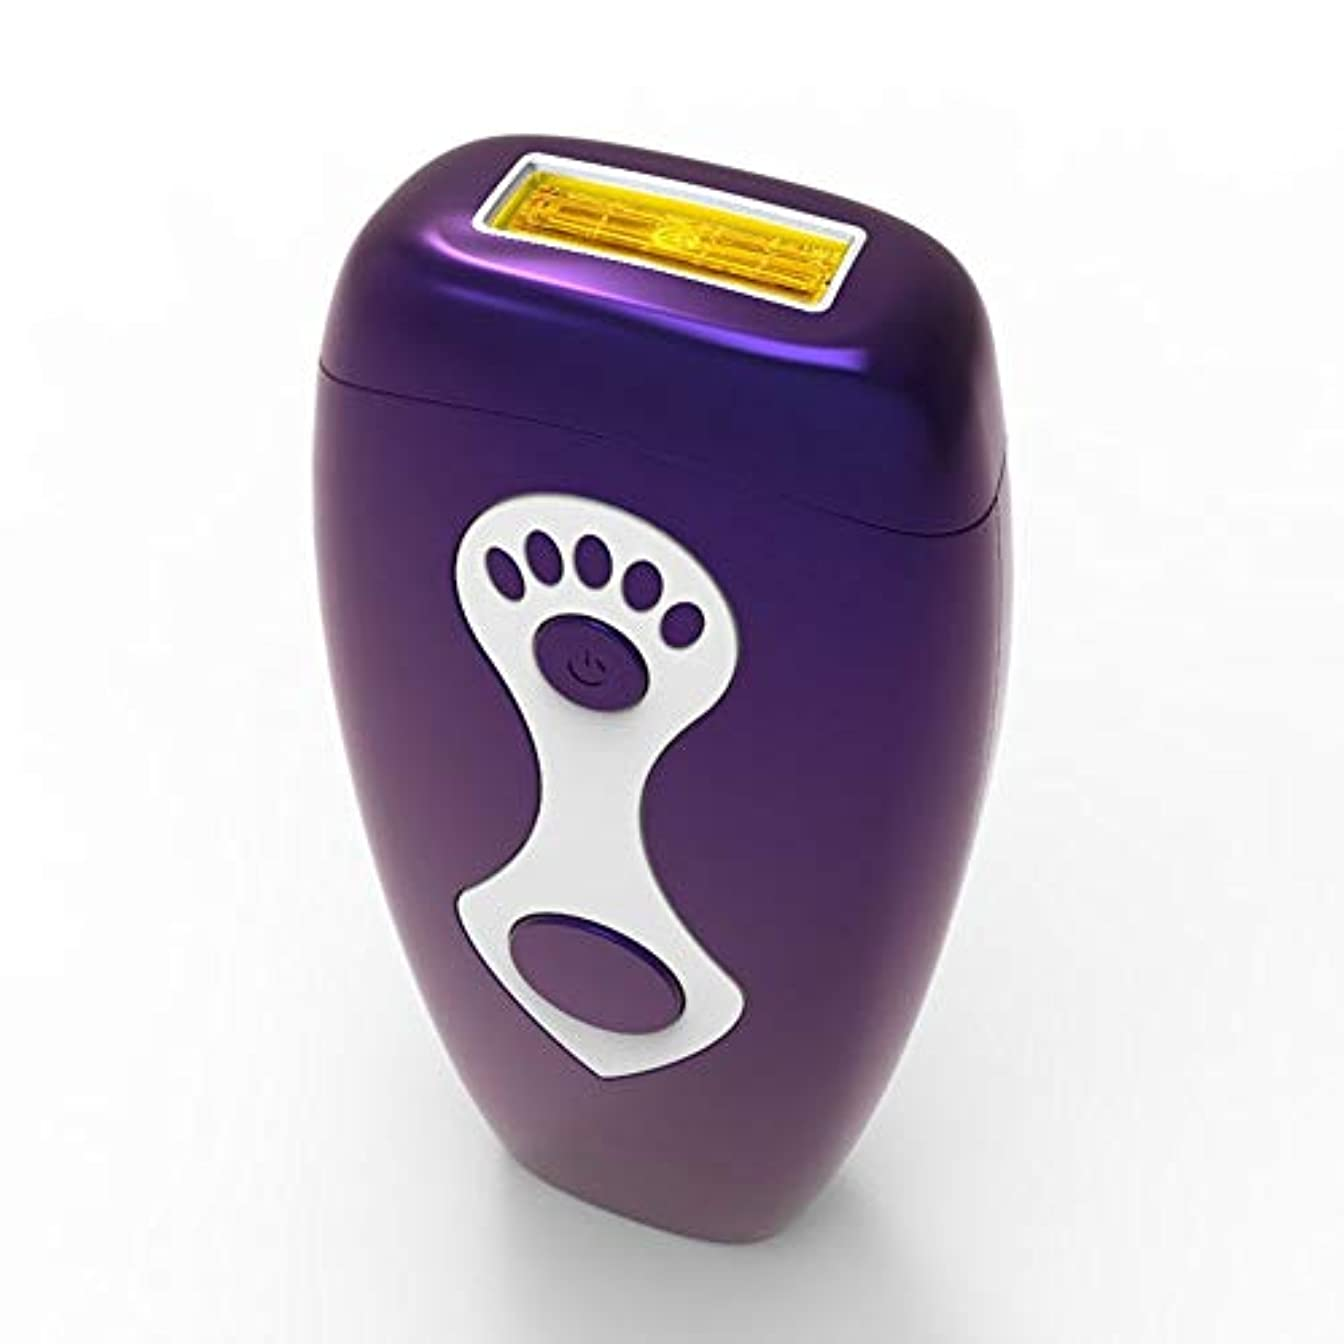 著作権ロゴ理論パーマネント脱毛、家庭用ニュートラルヘアリムーバー、柔らかい肌、マルチ運動エネルギー、安全性、グレード5無料調整、サイズ7.5×16.5 Cm 安全性 (Color : Purple)